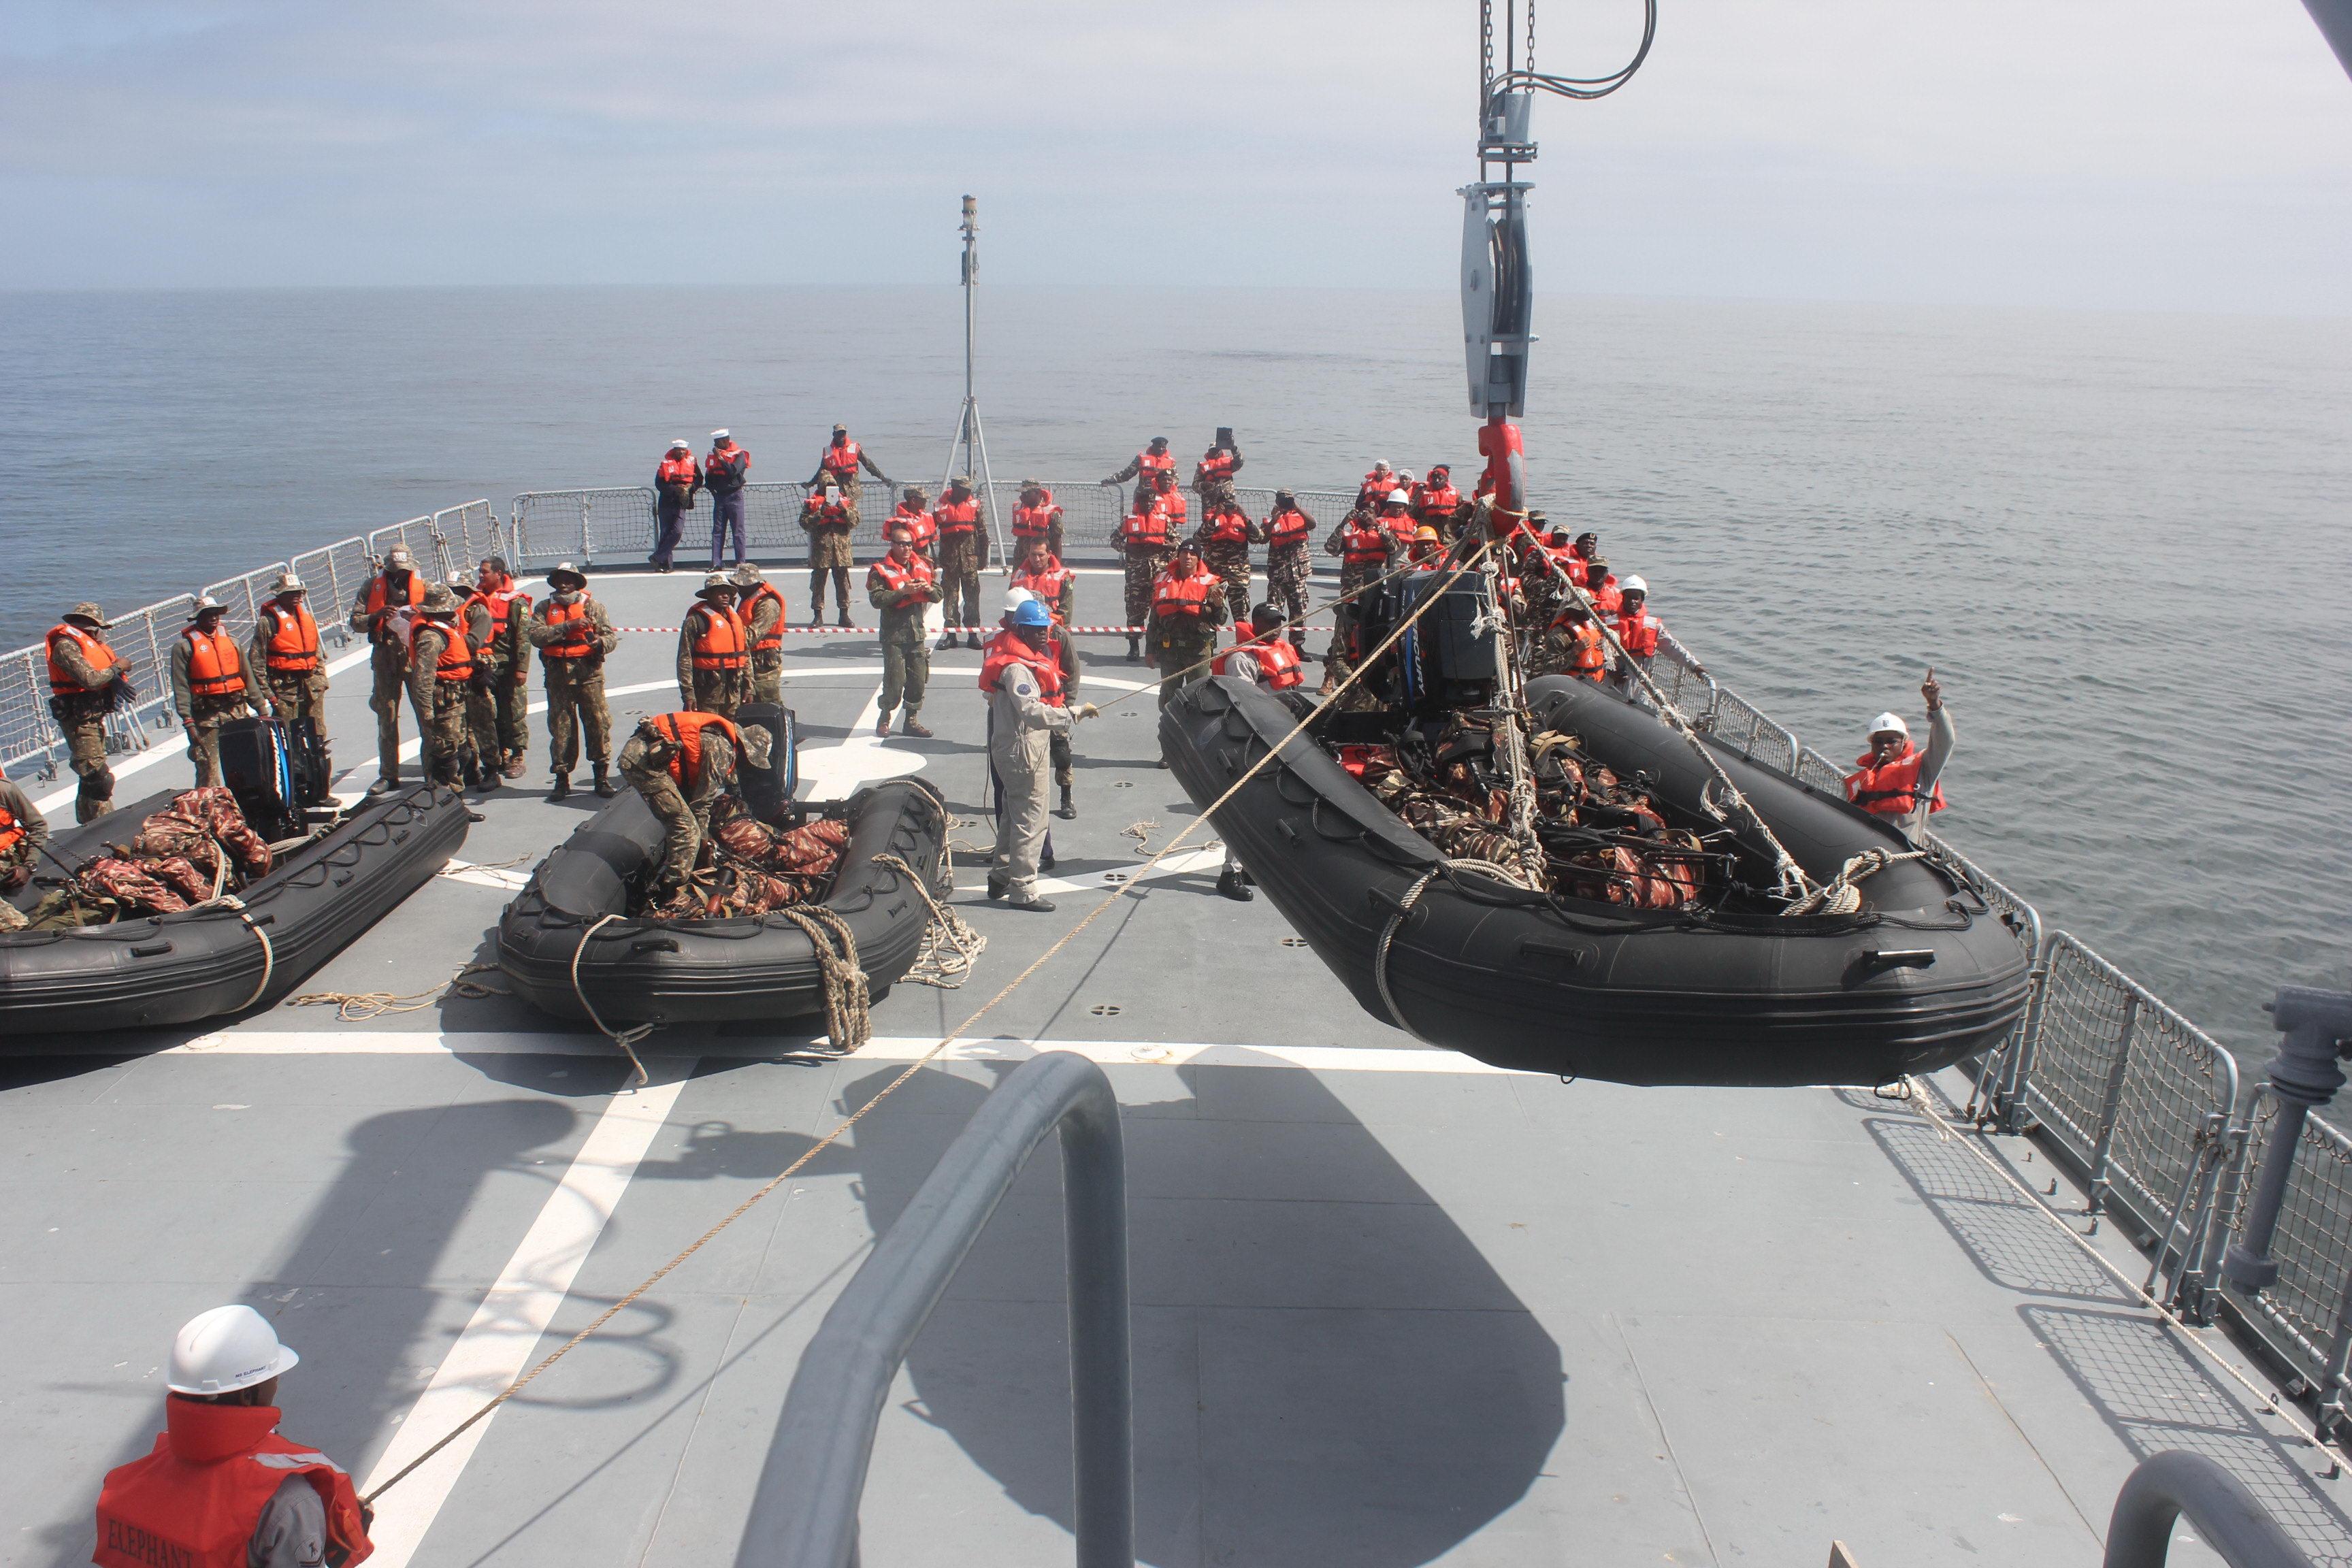 Preparativos no convés de ré do NS Elephant para a colocação no mar das embarcações pneumáticas que desembarcariam os militares do CFN MN na praia. (Imagem: Comando Geral do Corpo de Fuzileiros Navais)